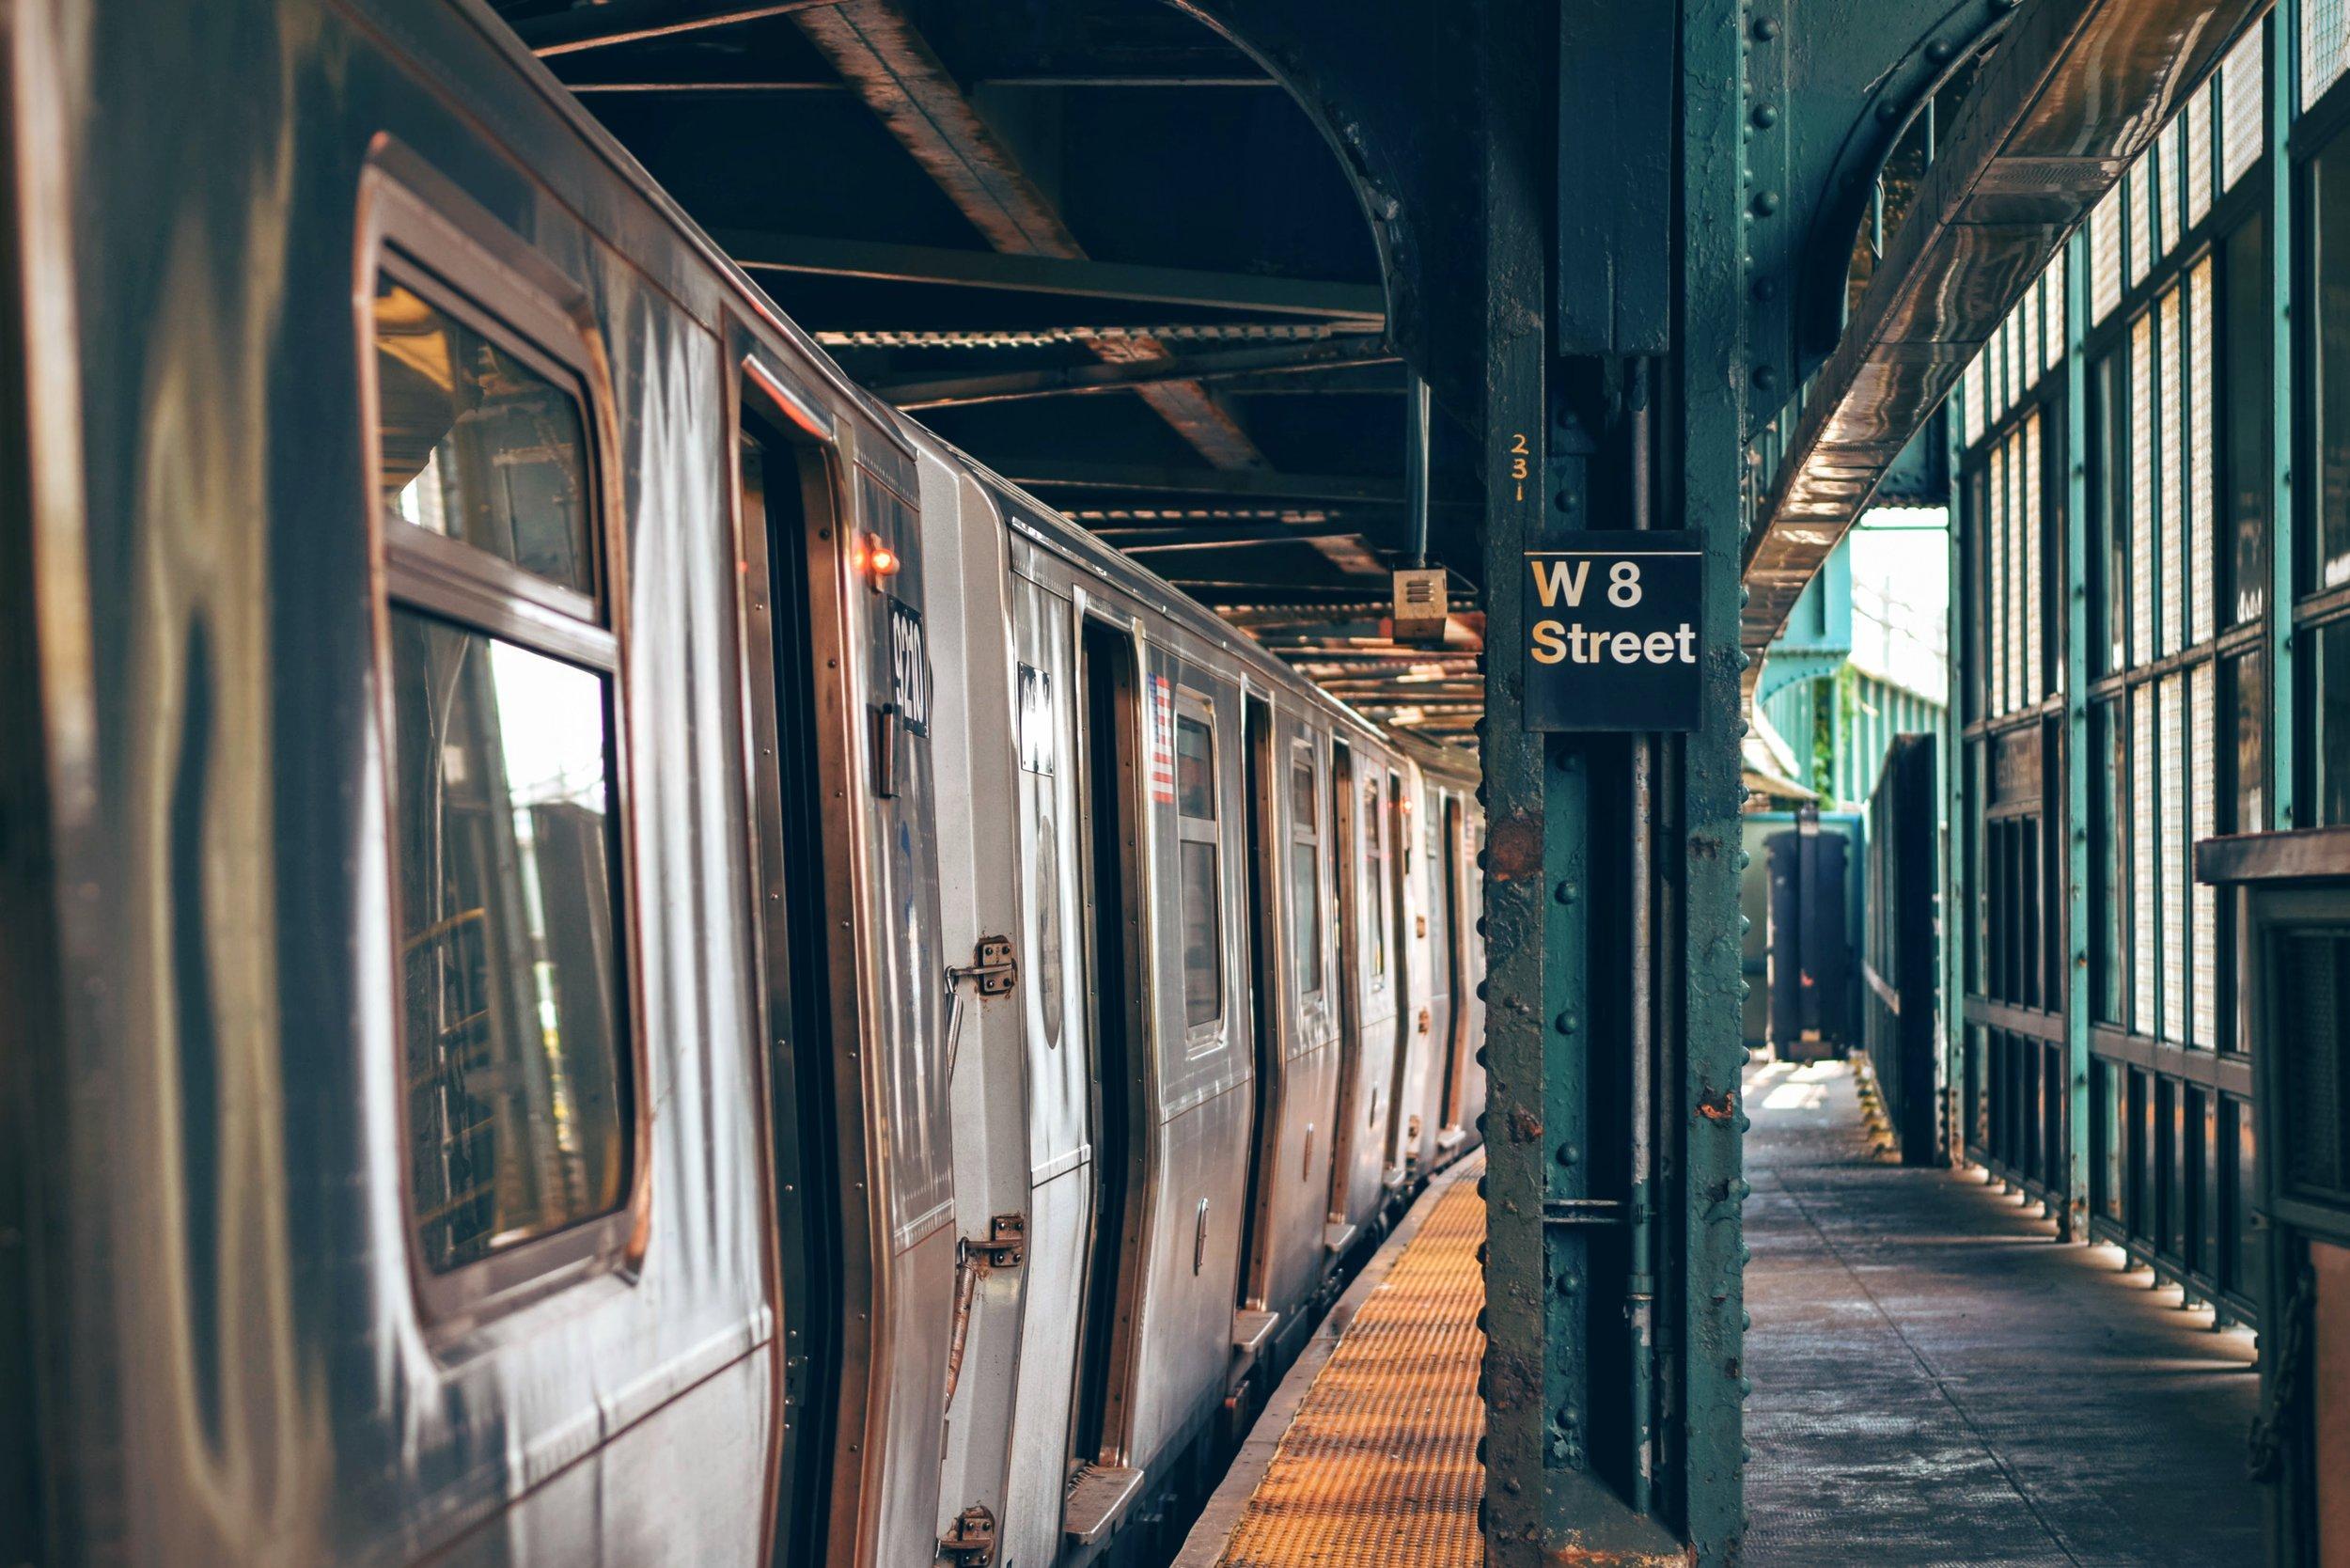 subwaytrain.jpg